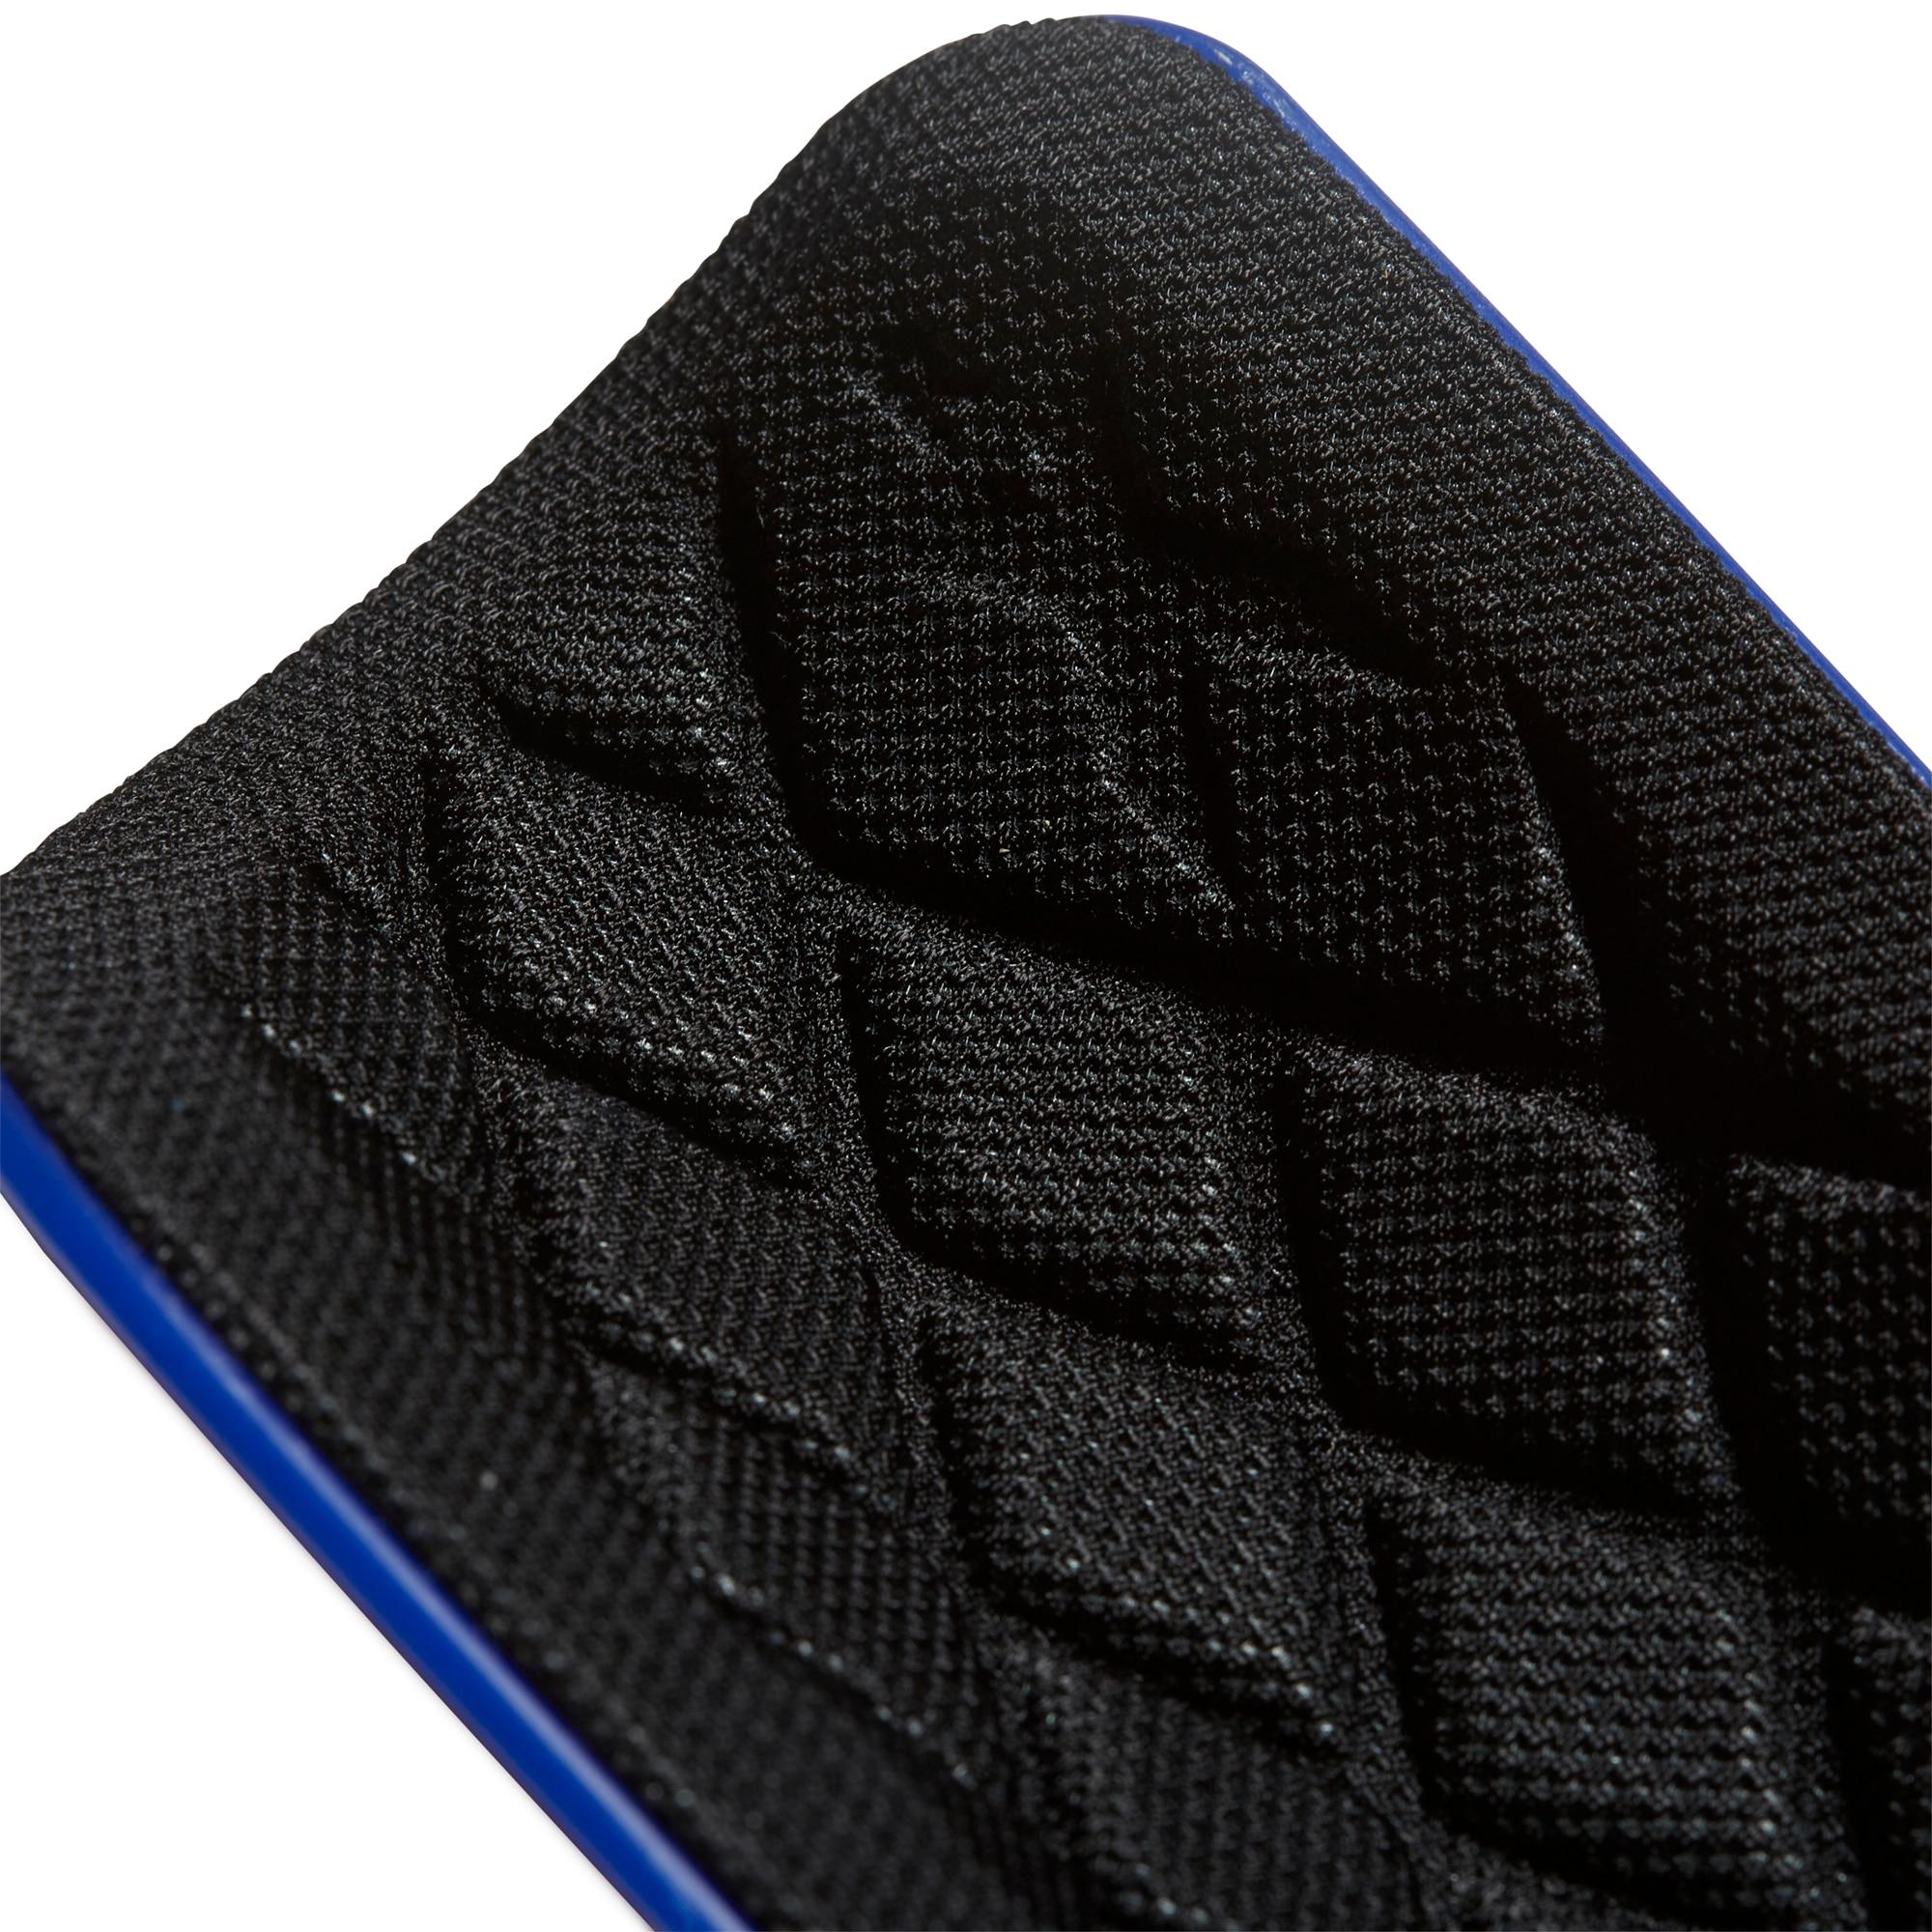 Adidas X Pro Leggskinn Blå/Rød